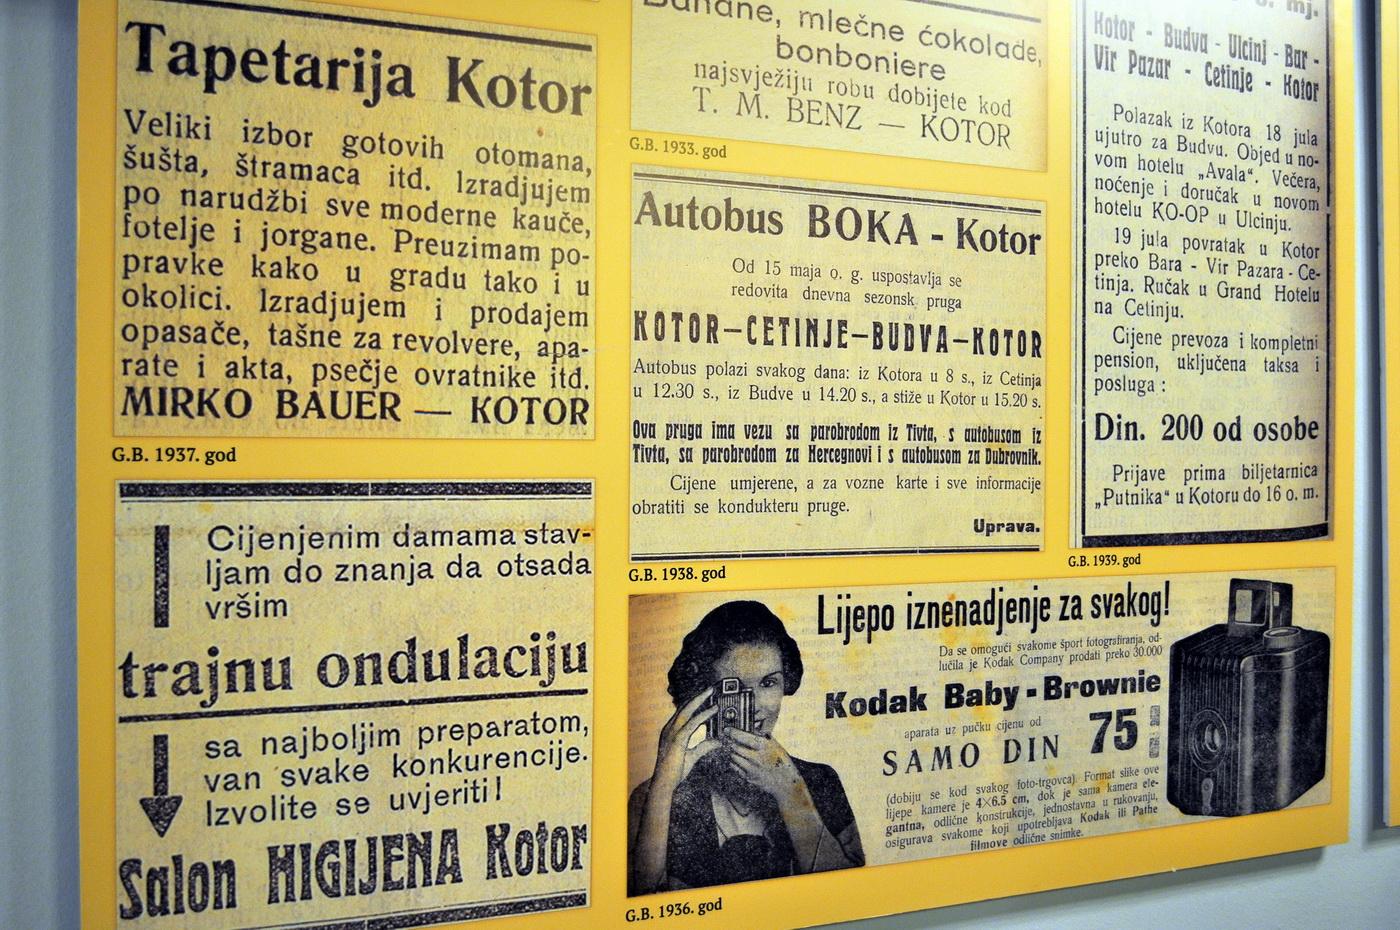 Izložba reklame i oglasi